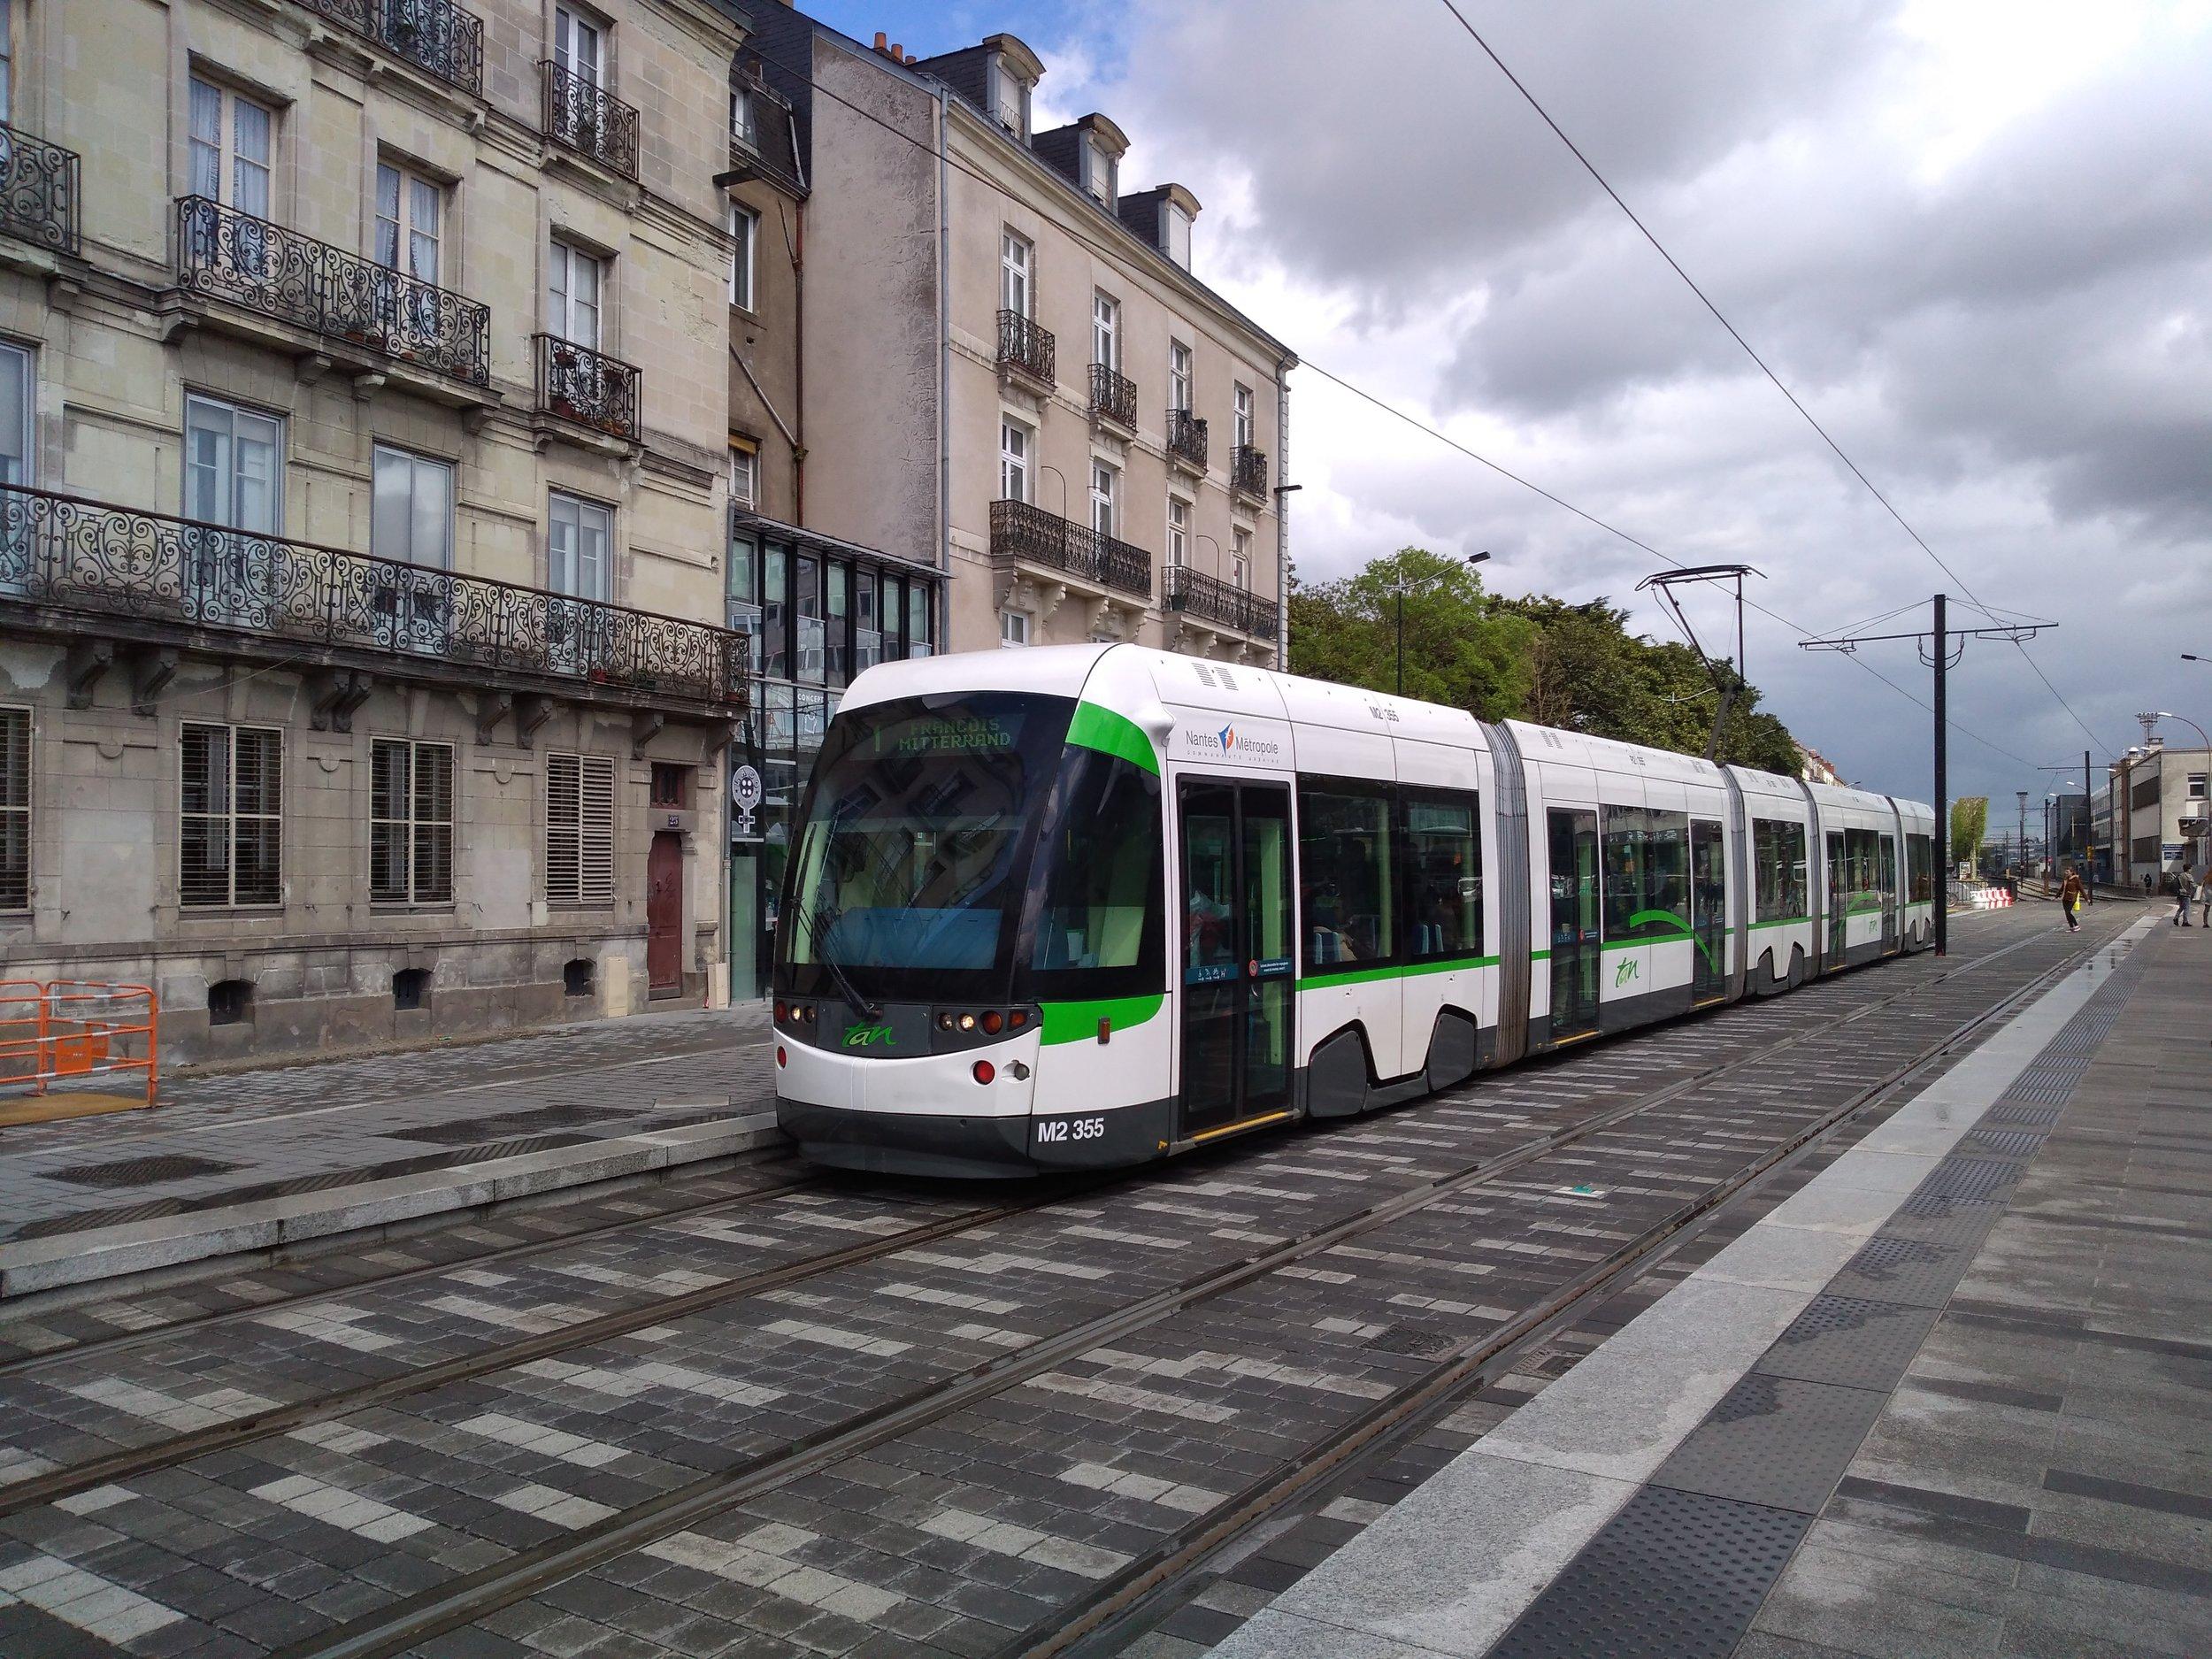 Městské tramvaje nejsou s vlakotramvajemi nijak propojeny, což je určitým mínusem, neboť dostat se z nástupiště vlakotramvaje do centra města není zrovna krátká procházka. Do budoucna se plánuje propojení obou systémů, které bylo ostatně studováno již před více než 10 lety, ale pak zejména z finančních důvodů bylo zastaveno. Je vhodné upozornit na celkové estetické provedení tramvajového provozu, na kterém si v Nantes, podobně jako ve většině moderních francouzských tramvajových provozů, dali velmi záležet. (foto: Vít Hinčica)